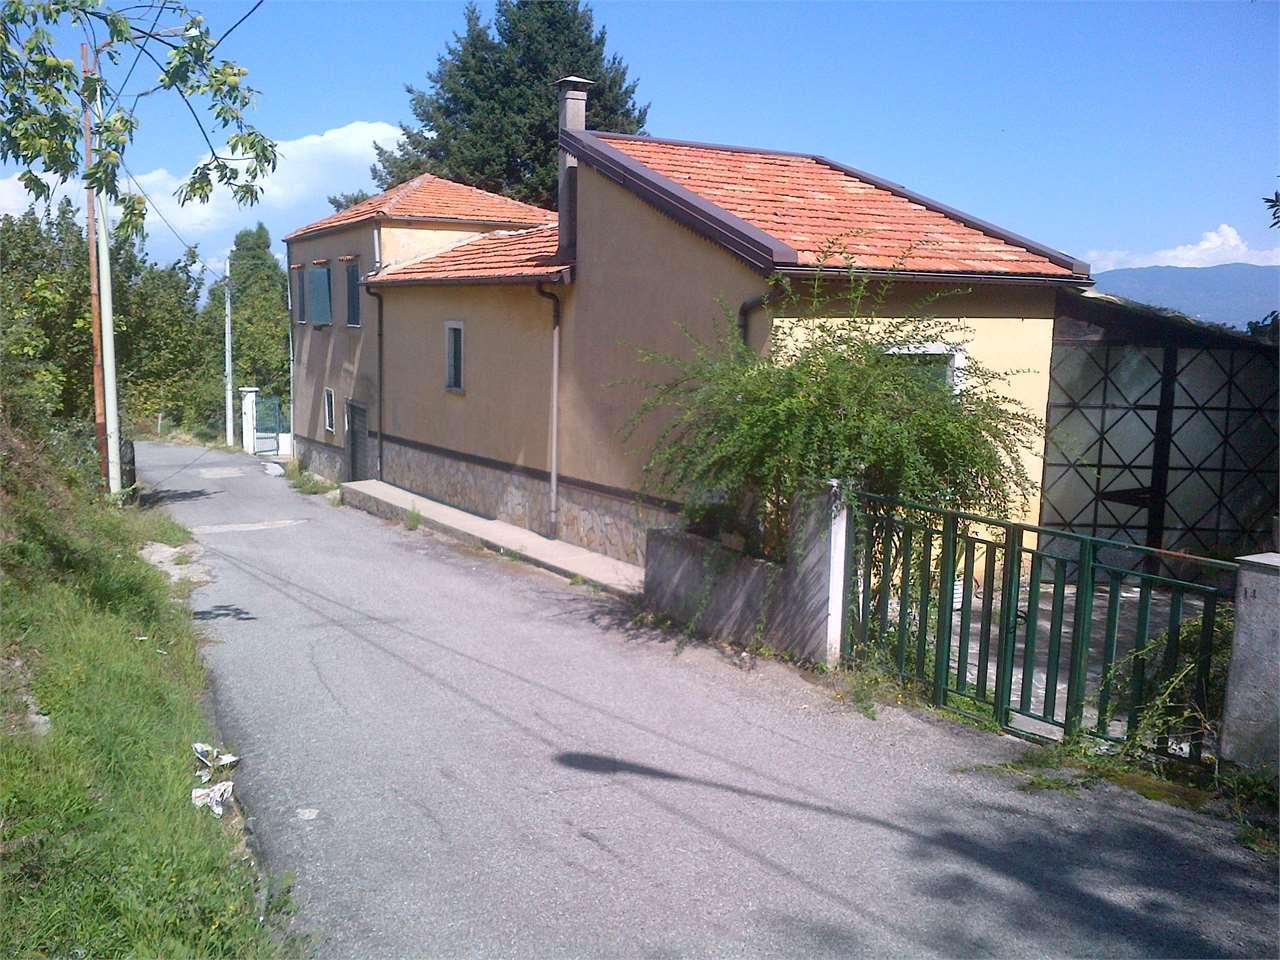 Soluzione Indipendente in vendita a Cerisano, 7 locali, prezzo € 59.000 | Cambio Casa.it